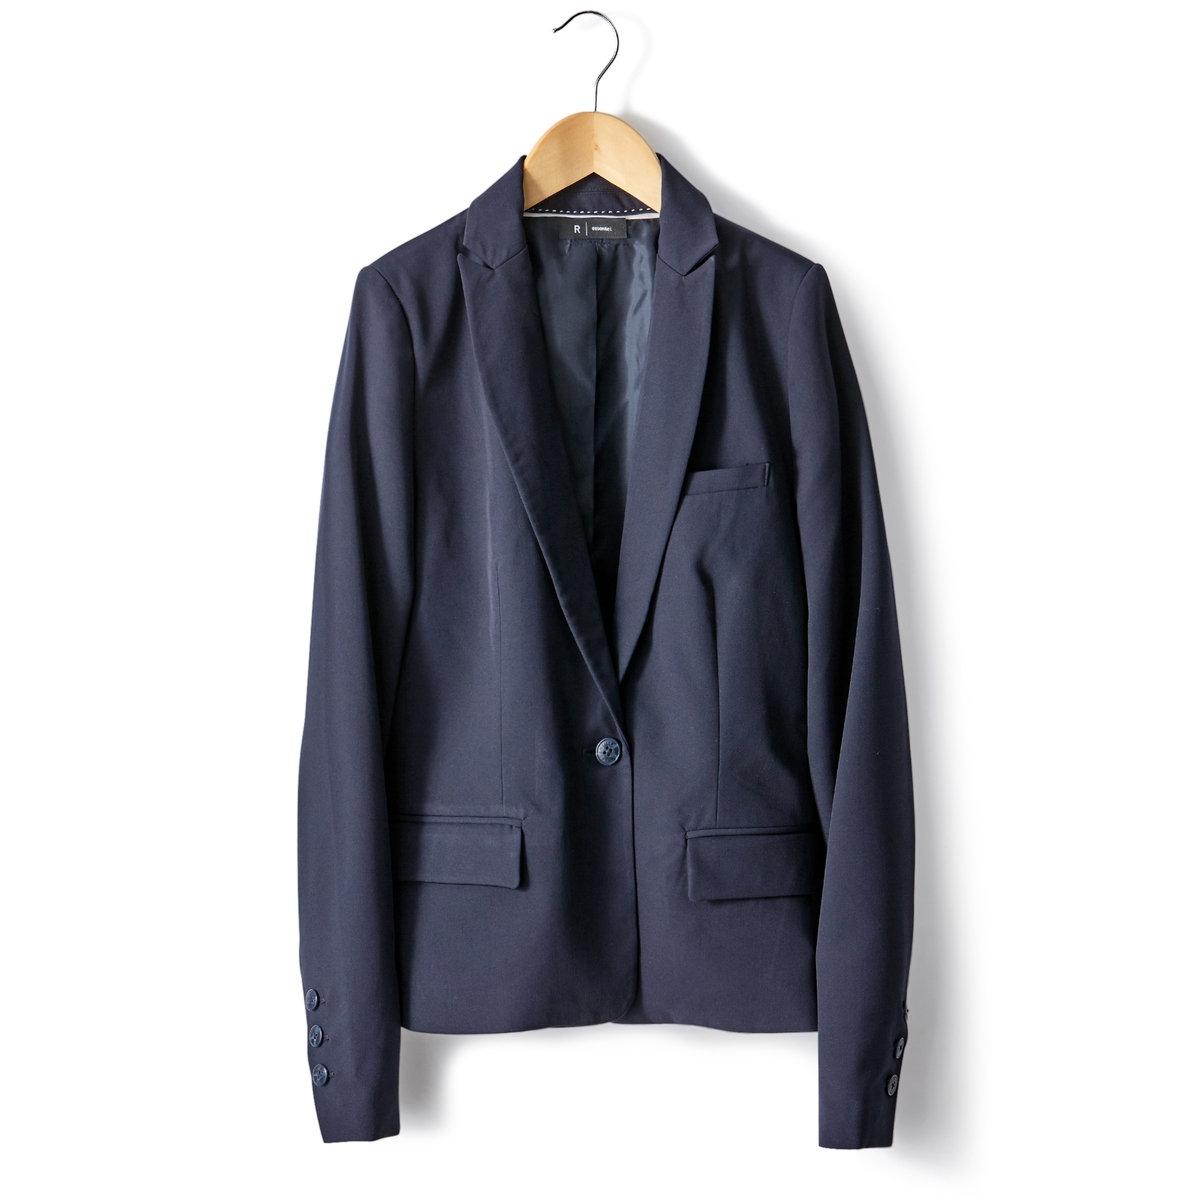 Жакет приталенный2 прорезных кармана с клапанами + 1 нагрудный прорезной карман. Низ рукавов с пуговицами.Подкладка из полиэстера.Длина 56 см. (на рост до 170 см).Есть длина 62 см.<br><br>Цвет: серый меланж,синий морской<br>Размер: 46 (FR) - 52 (RUS).48 (FR) - 54 (RUS).46 (FR) - 52 (RUS)